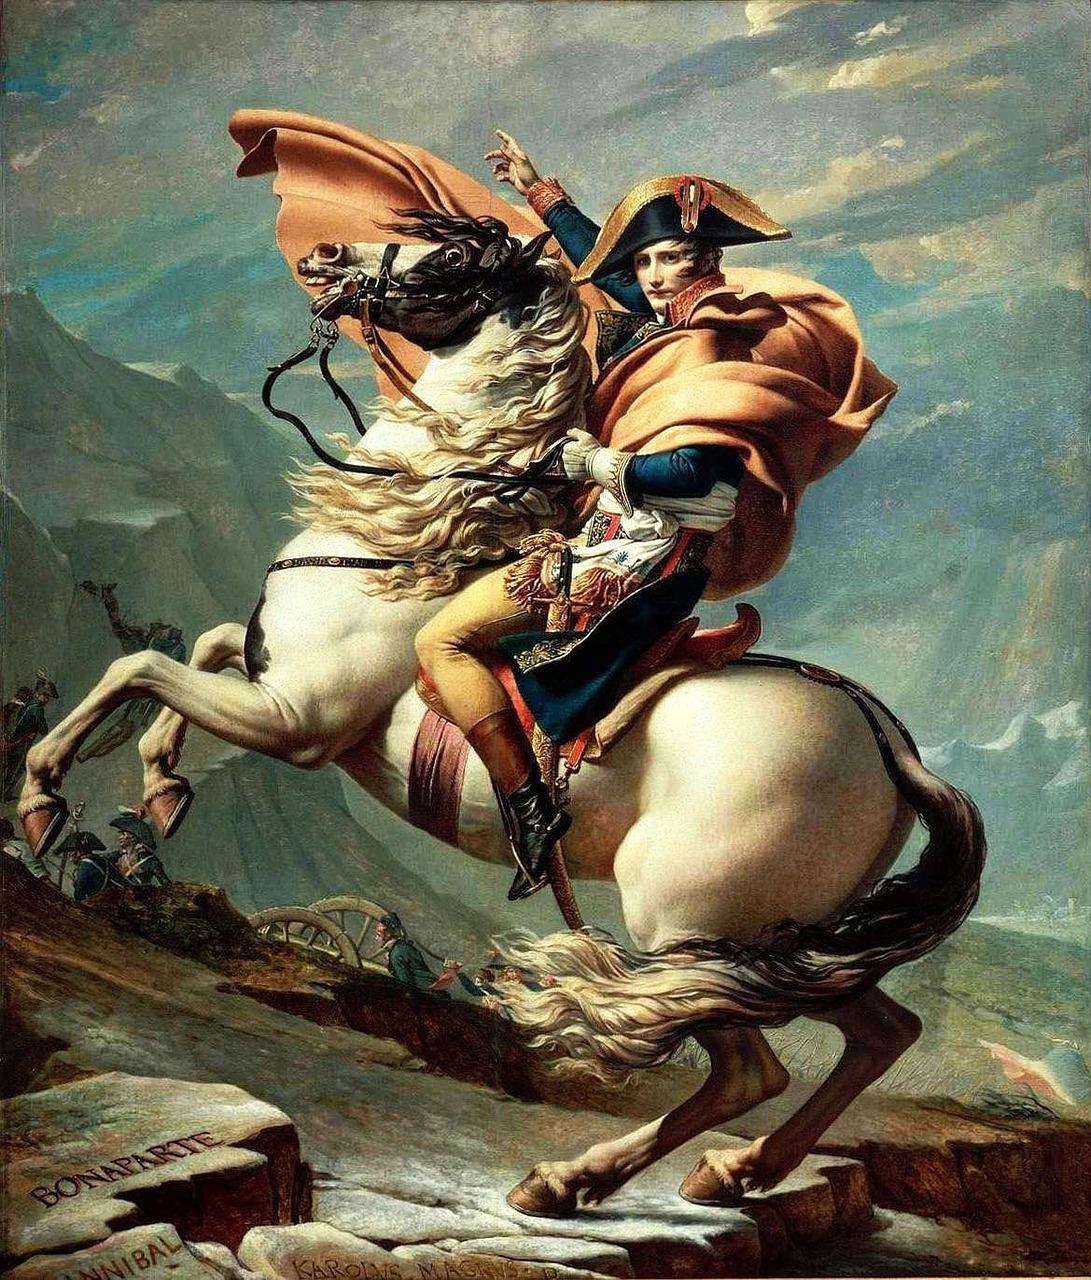 ナポレオン・ボナパルト